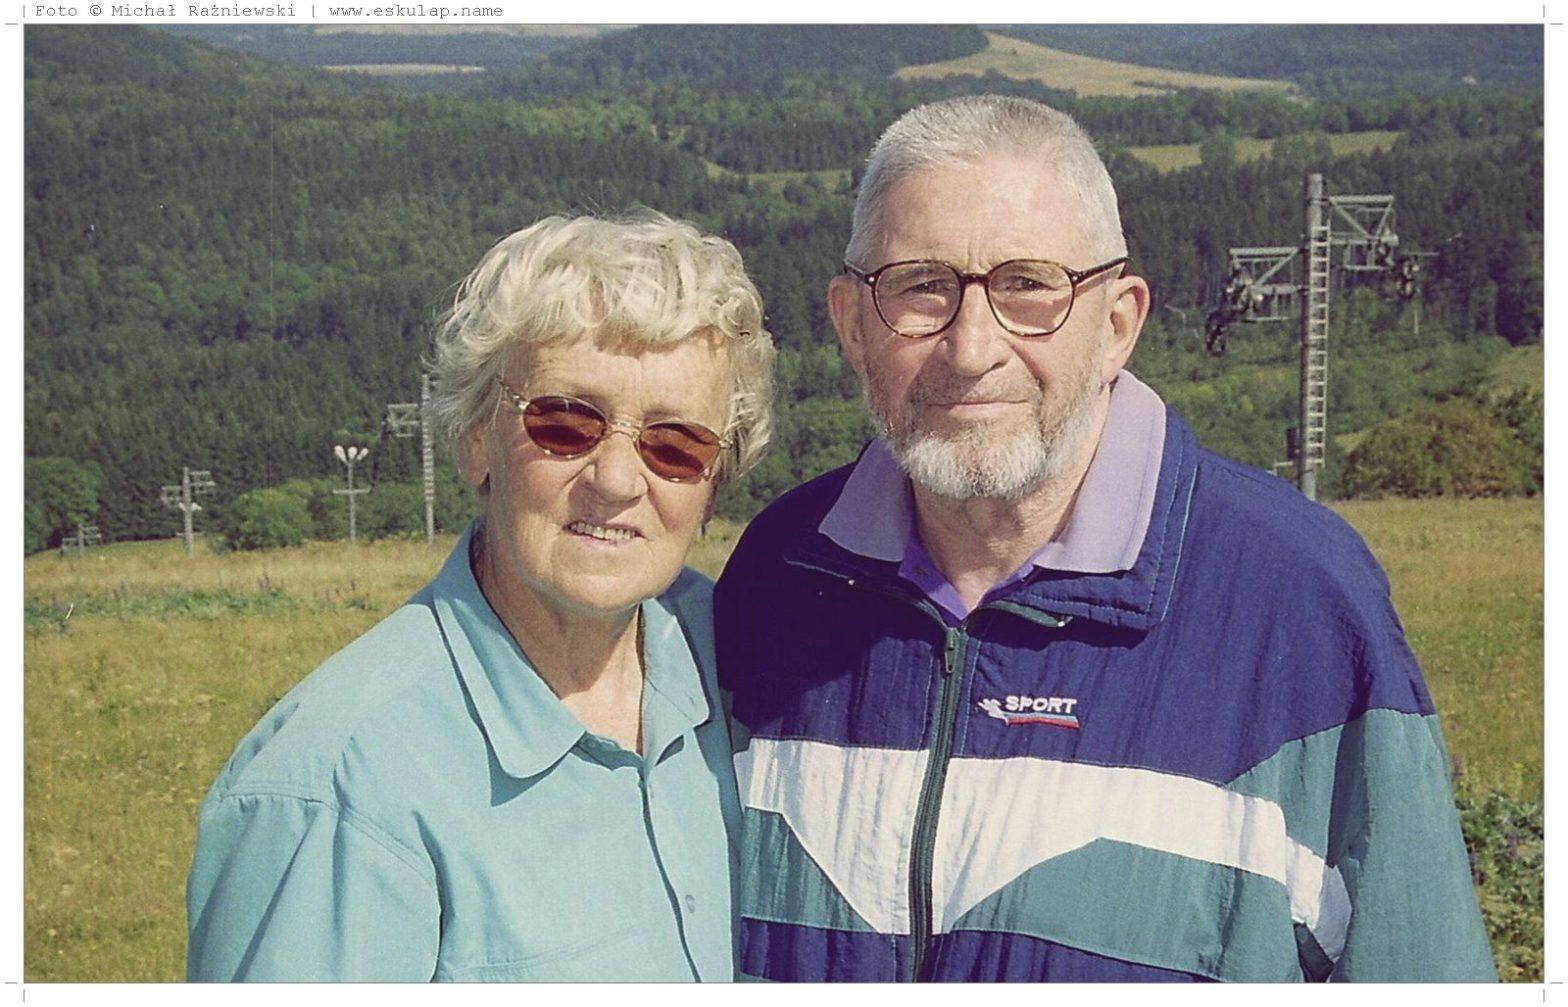 Założyciele Aesculapa - Teresa i Stanisław Rażniewscy